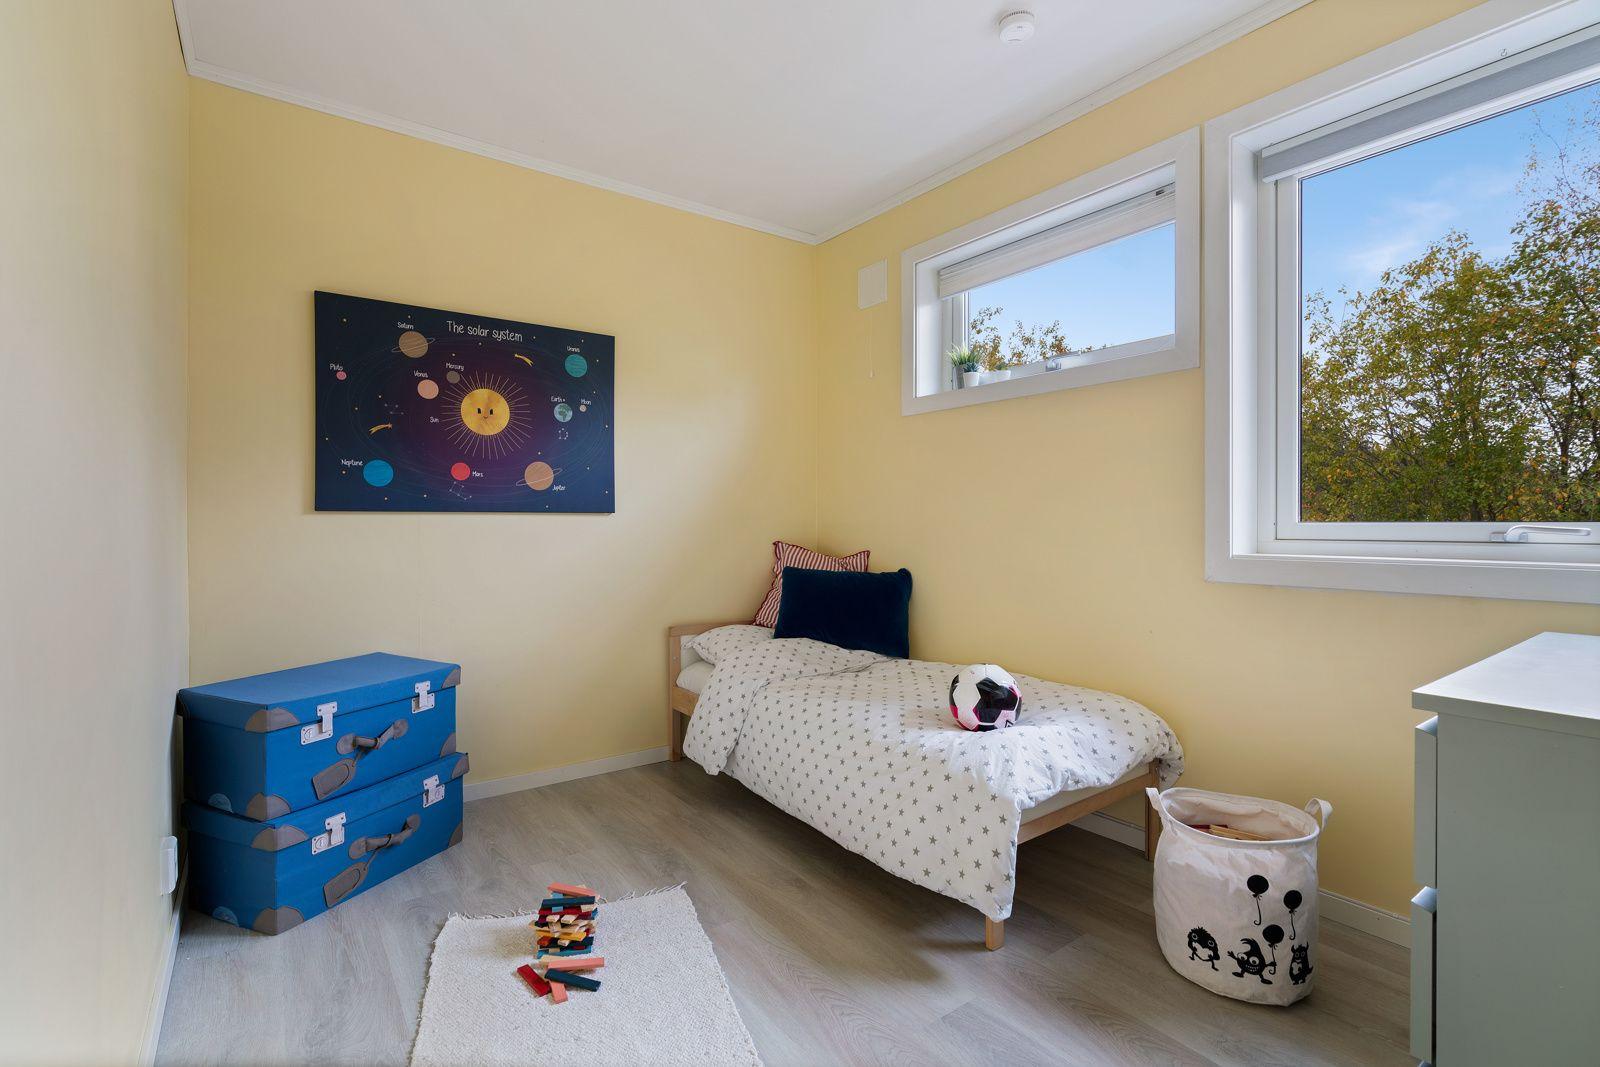 Kreklingstien 5B Soverom 2 og 3 har god plass til seng og en oppbevaringsløsning, og er utmerket som barnerom, gjesterom eller kontor